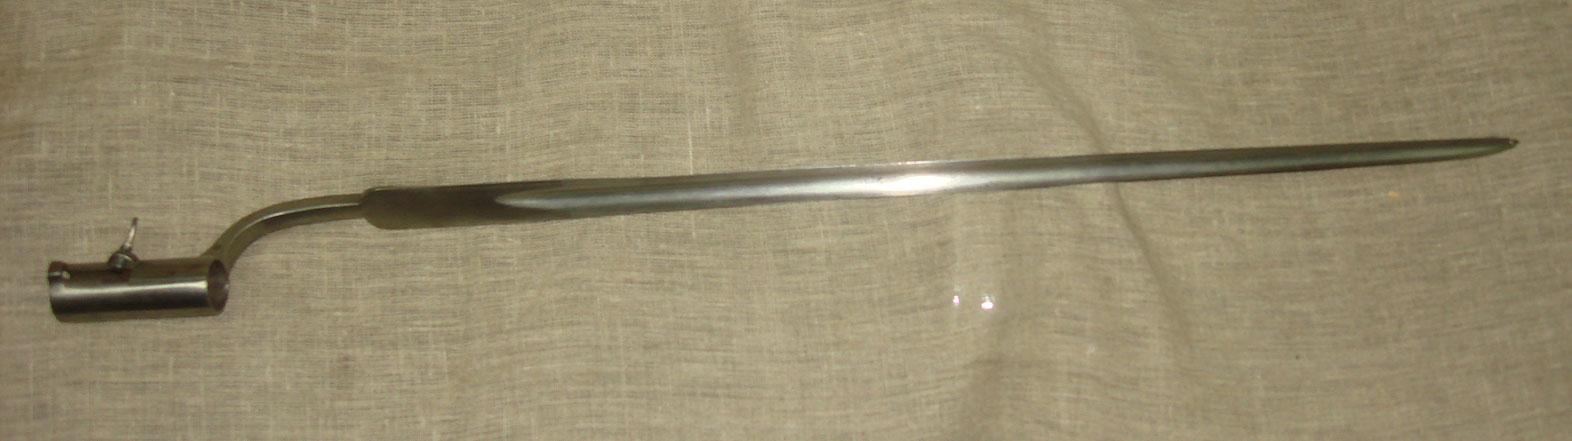 Штык к шведскому пехотному ружью образца 1799 года.